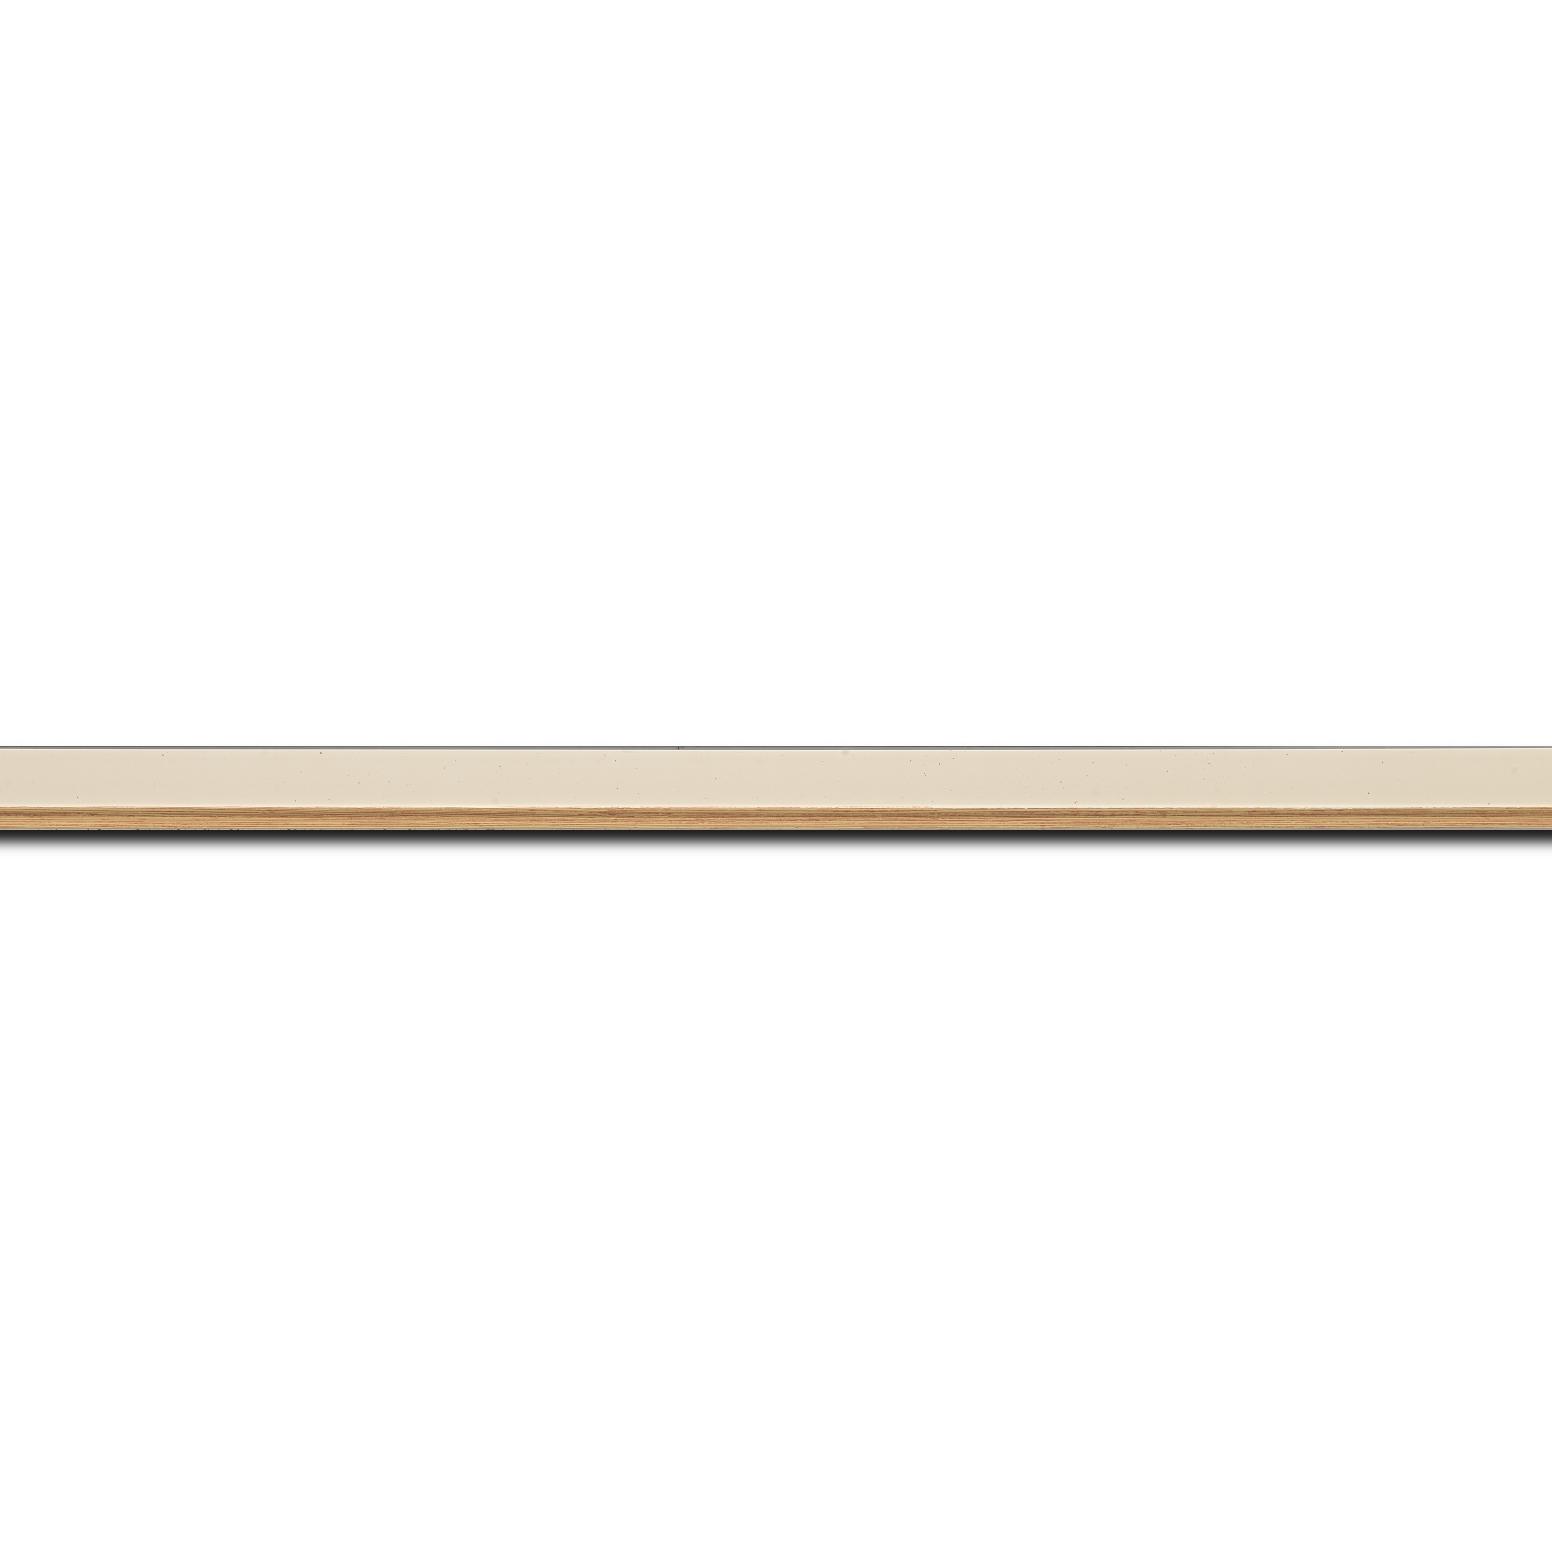 Baguette longueur 1.40m bois profil plat largeur 3,1cm couleur coquille d'œuf filet or